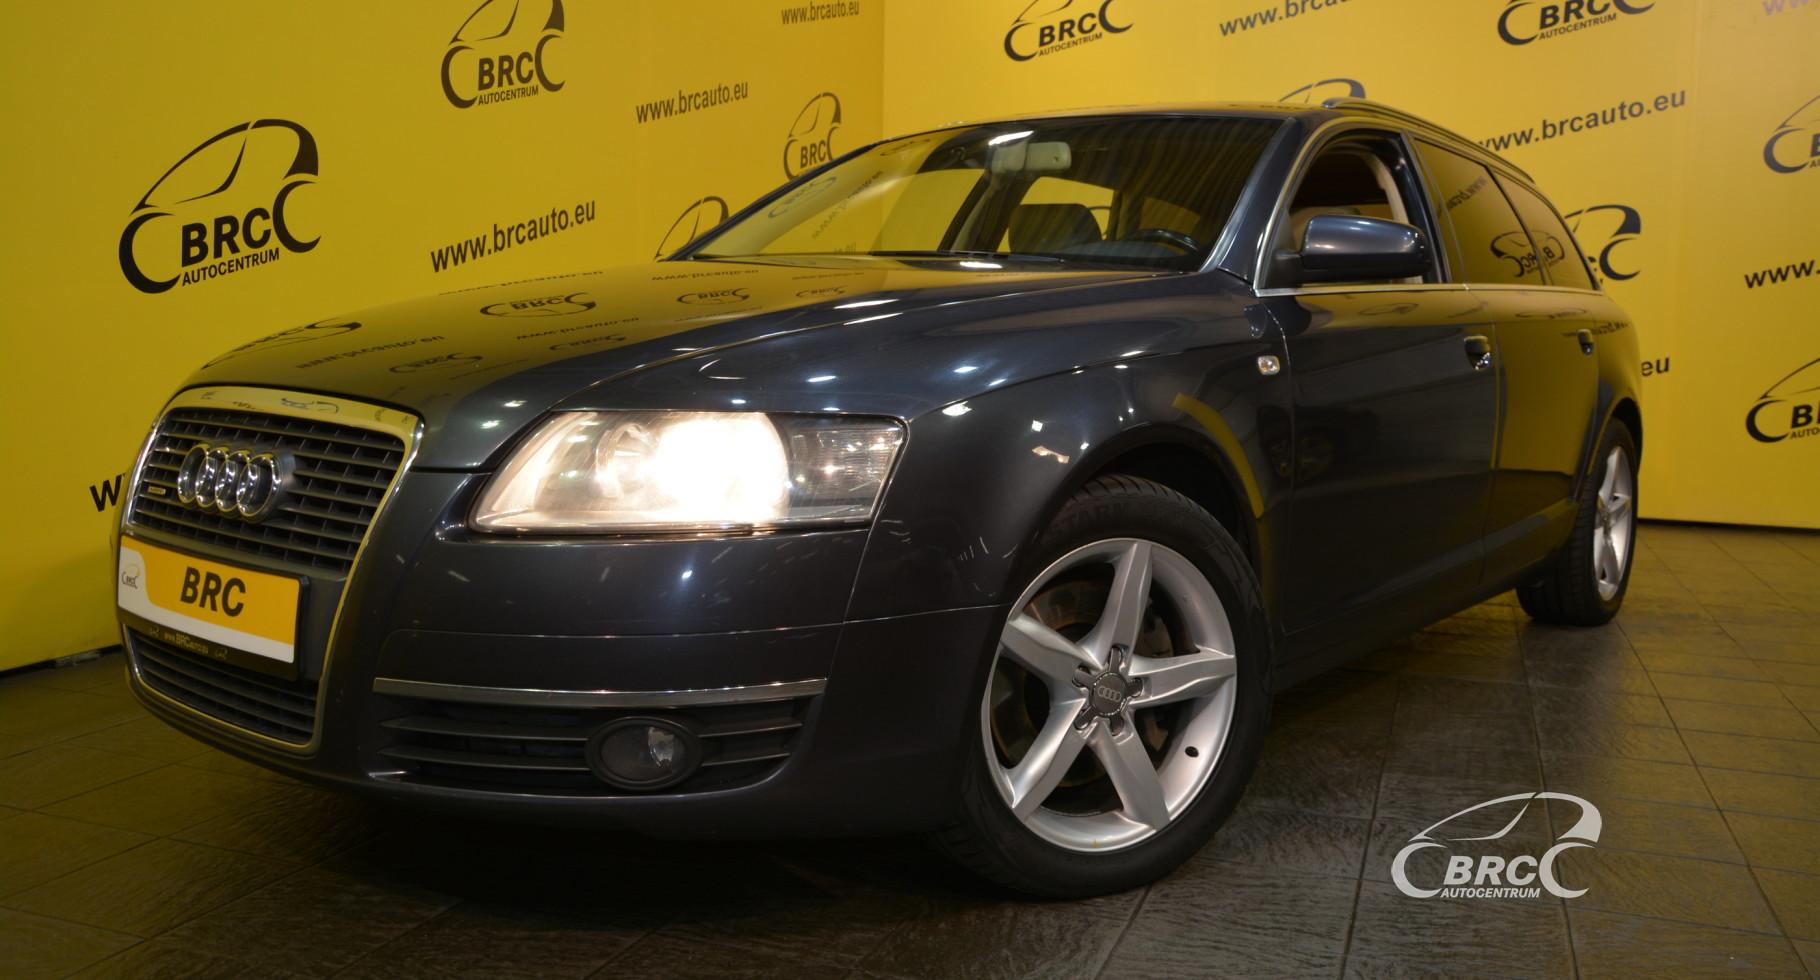 Audi A6 Avant 3.0TDI Quattro Automatas